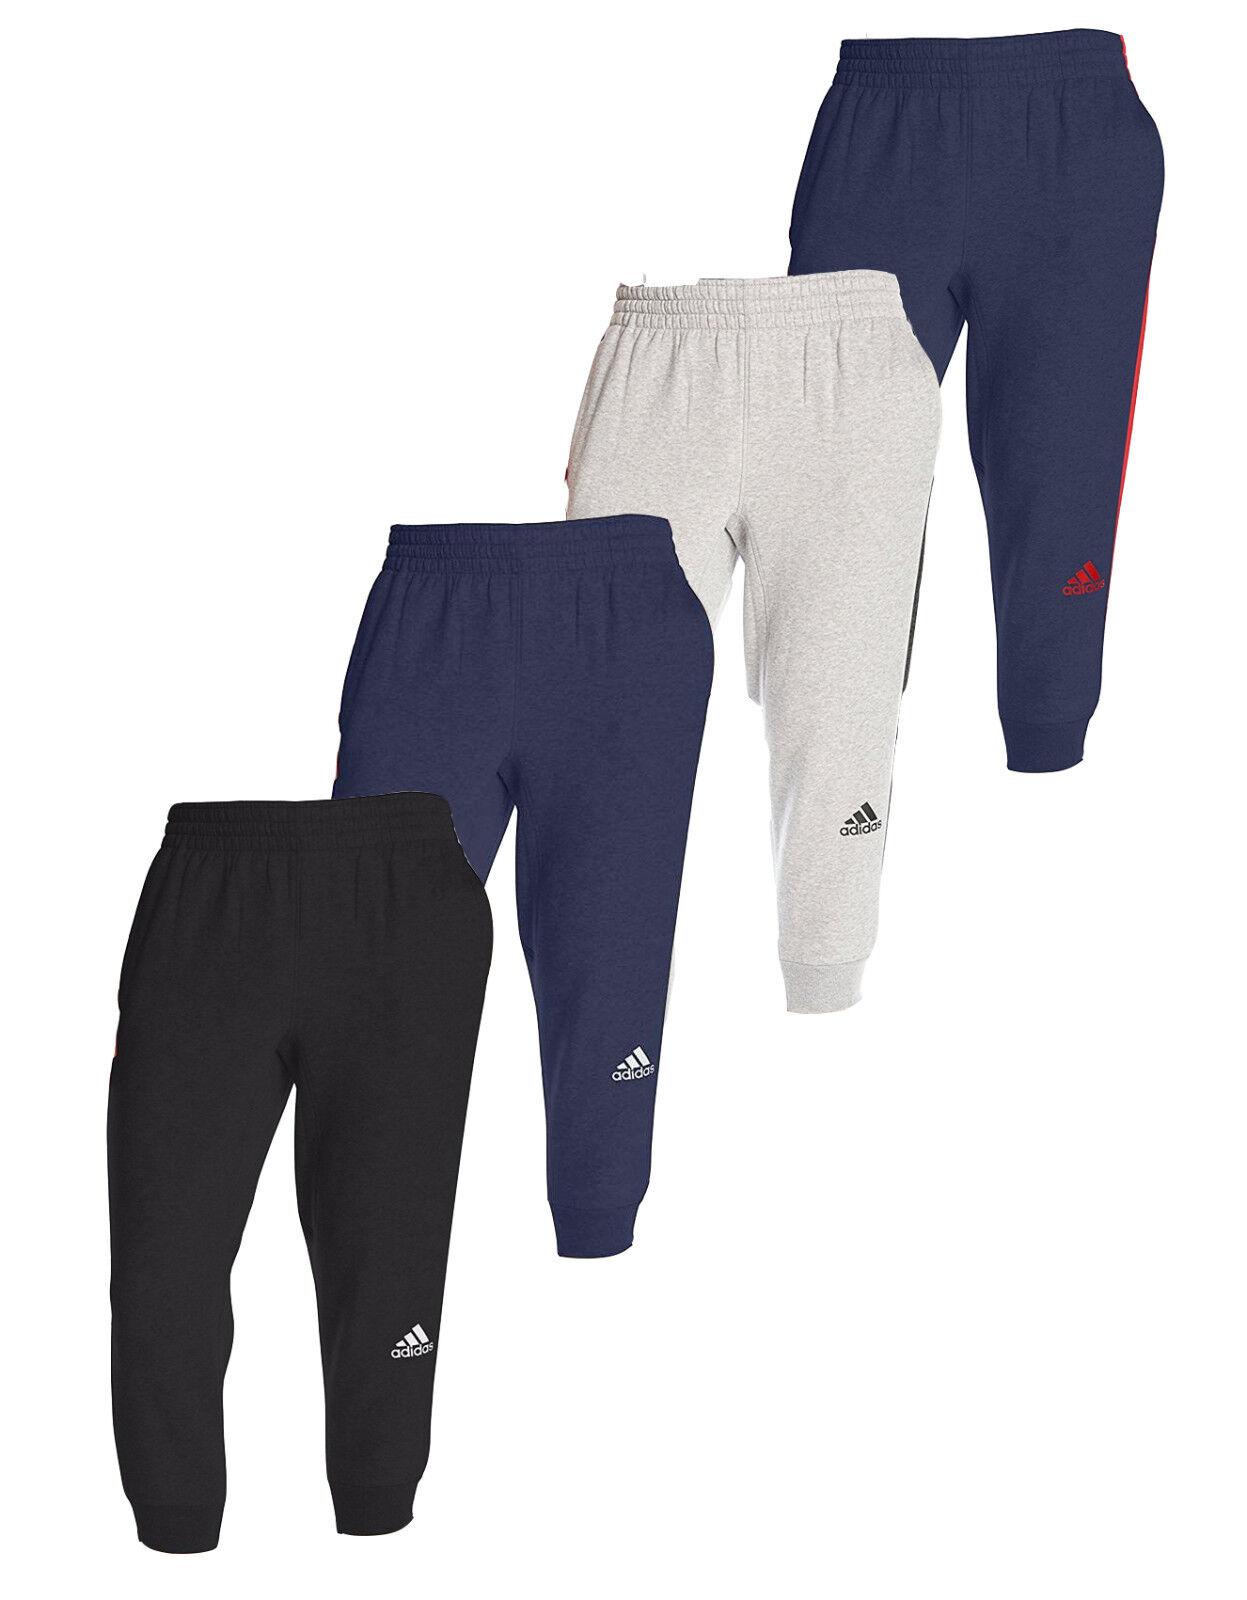 Férfi Adidas Cross Up 3/4 Slim Fit nadrág Adidas Sweatpants férfi Új